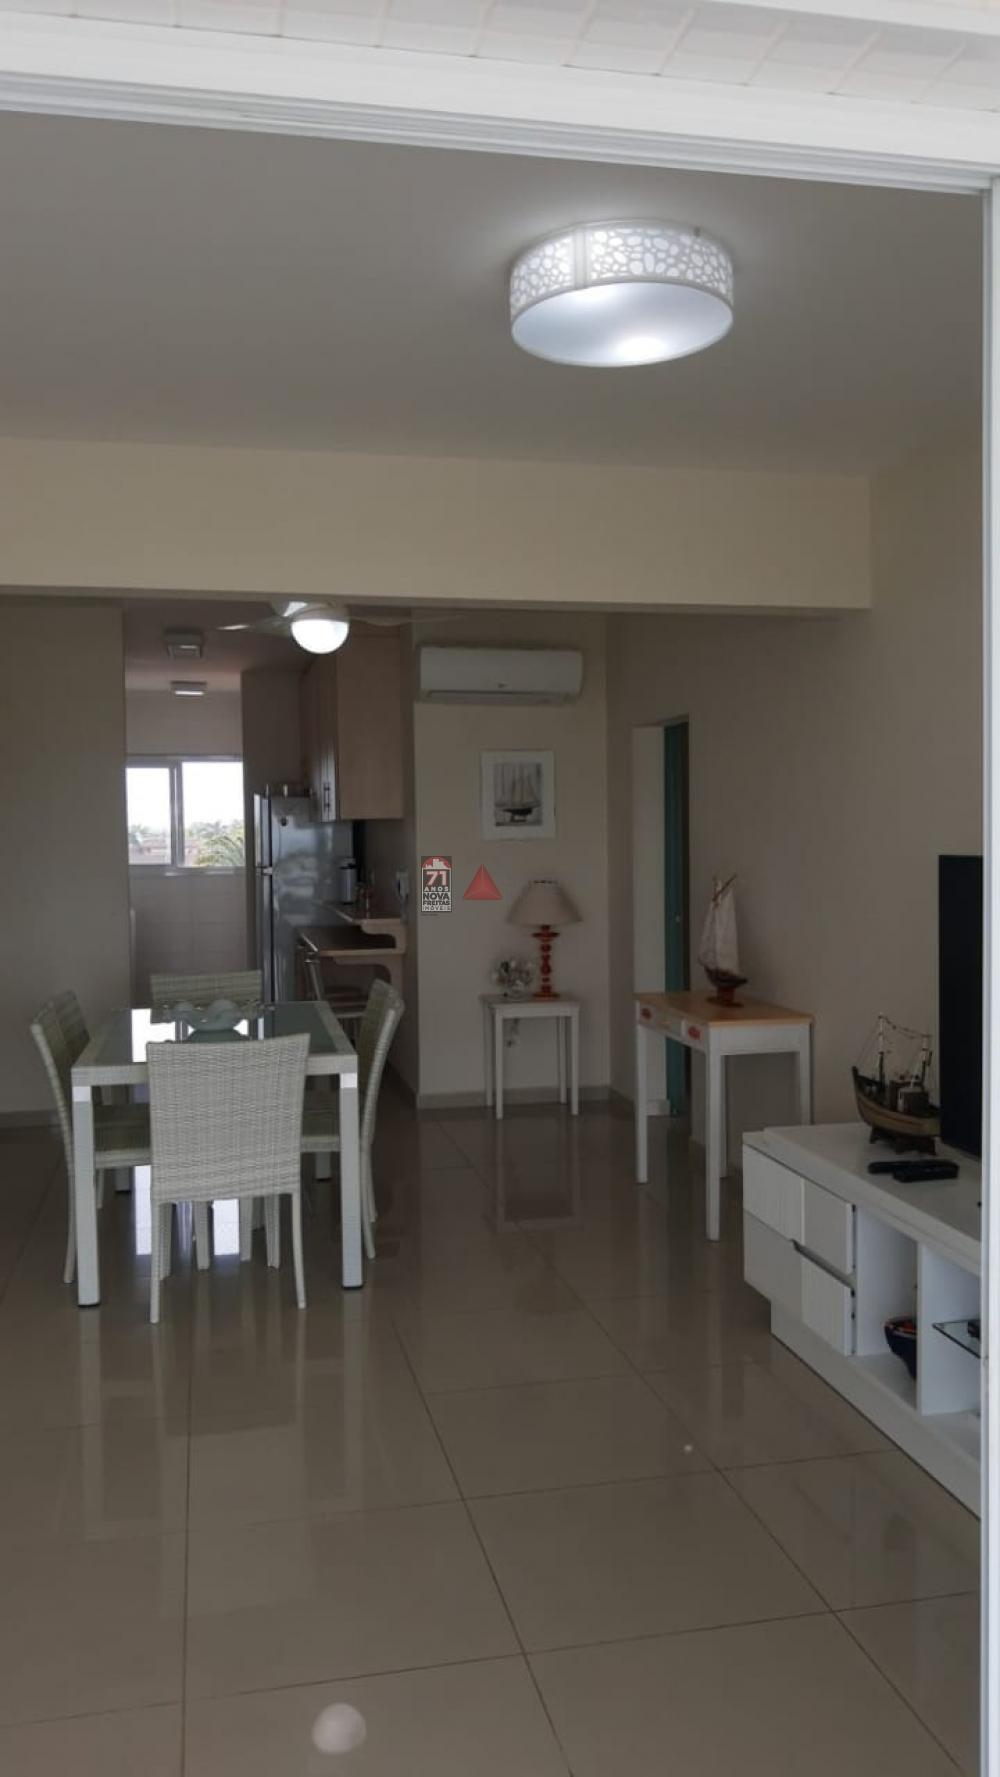 Comprar Apartamento / Padrão em Caraguatatuba apenas R$ 950.000,00 - Foto 12